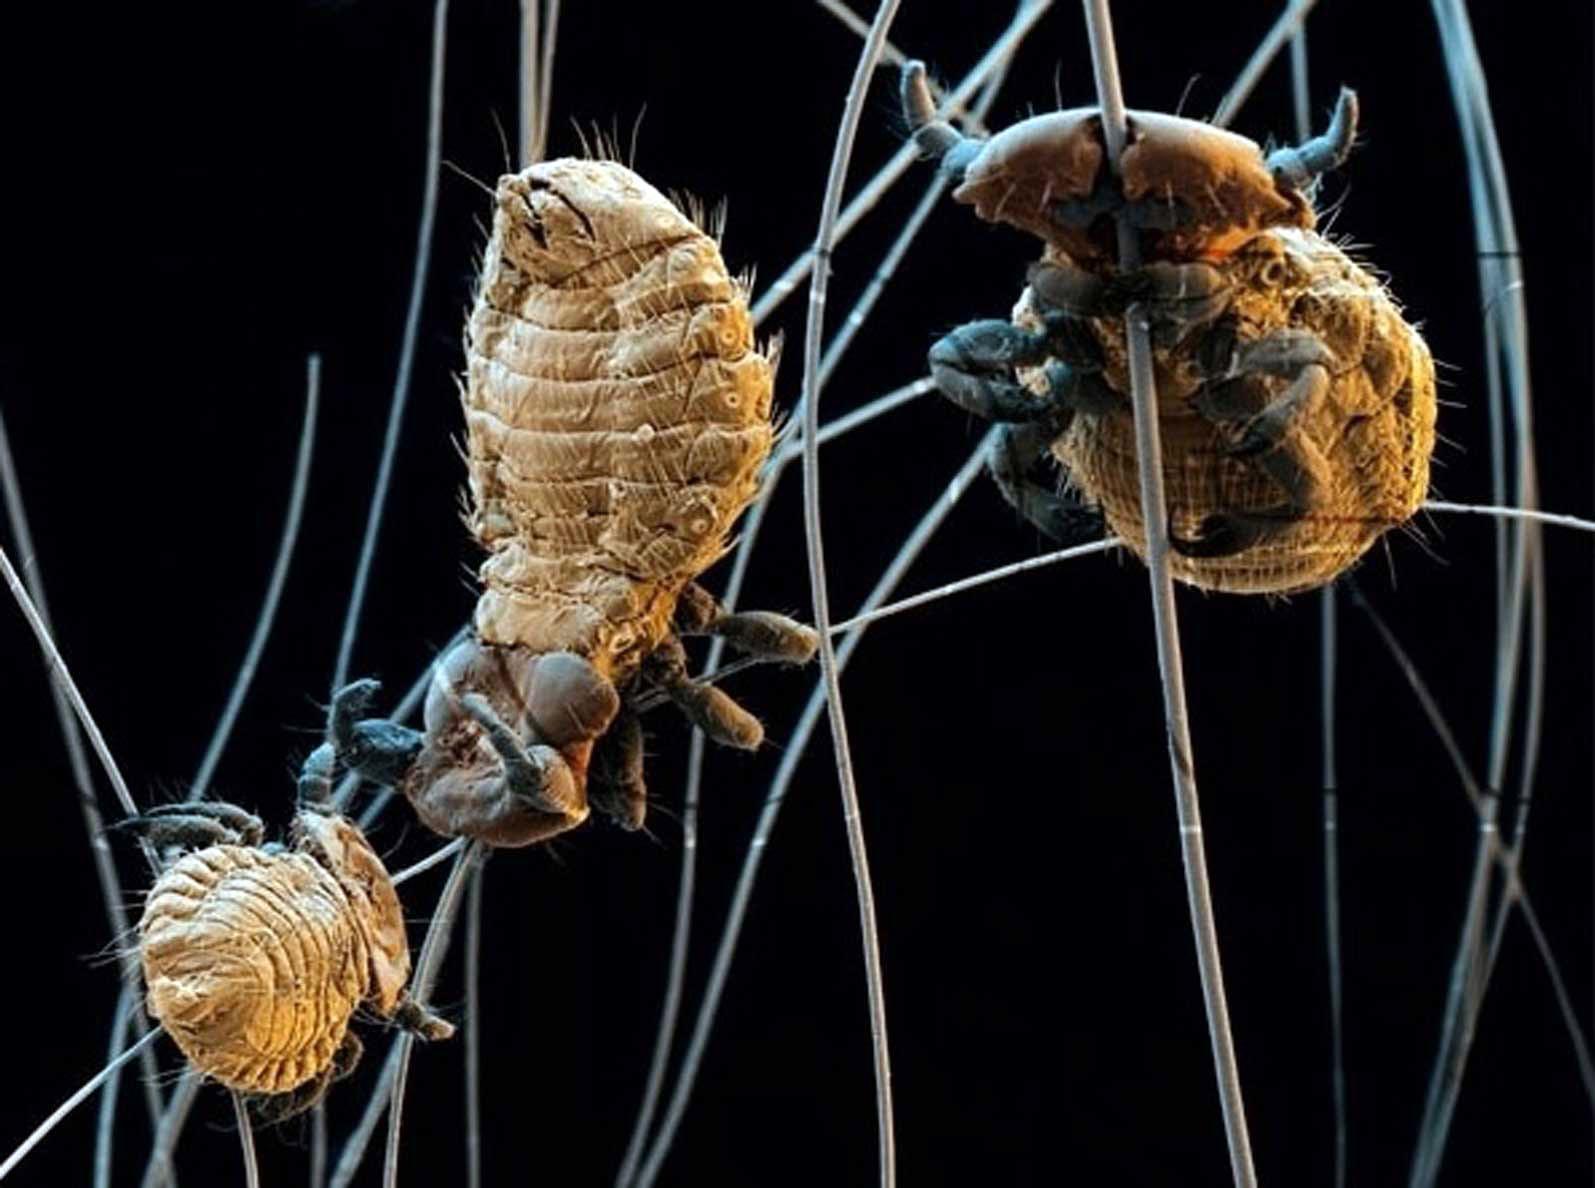 блохи вши под микроскопом цветное фото кабачков можно подать